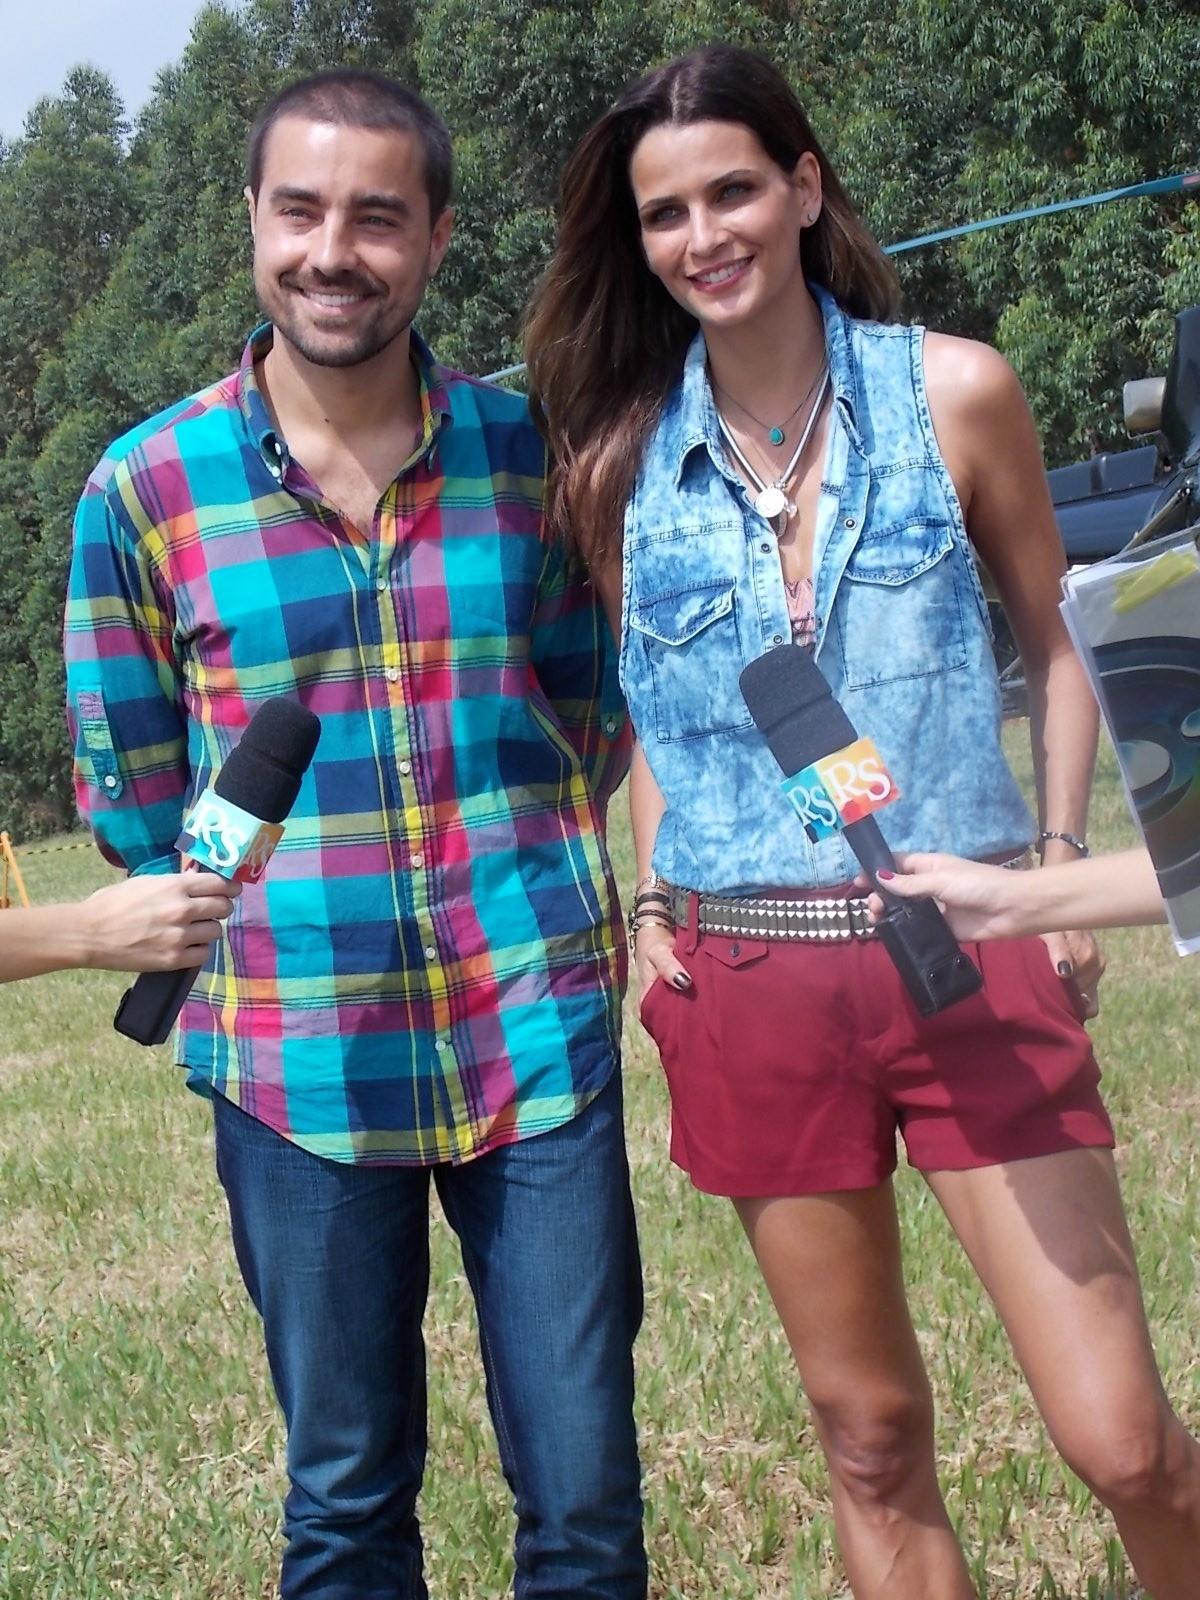 Ricardo Pereira e Fernanda Motta no Dança da Galera em Botucatu (Foto: Gabriela Cardoso / TV TEM)